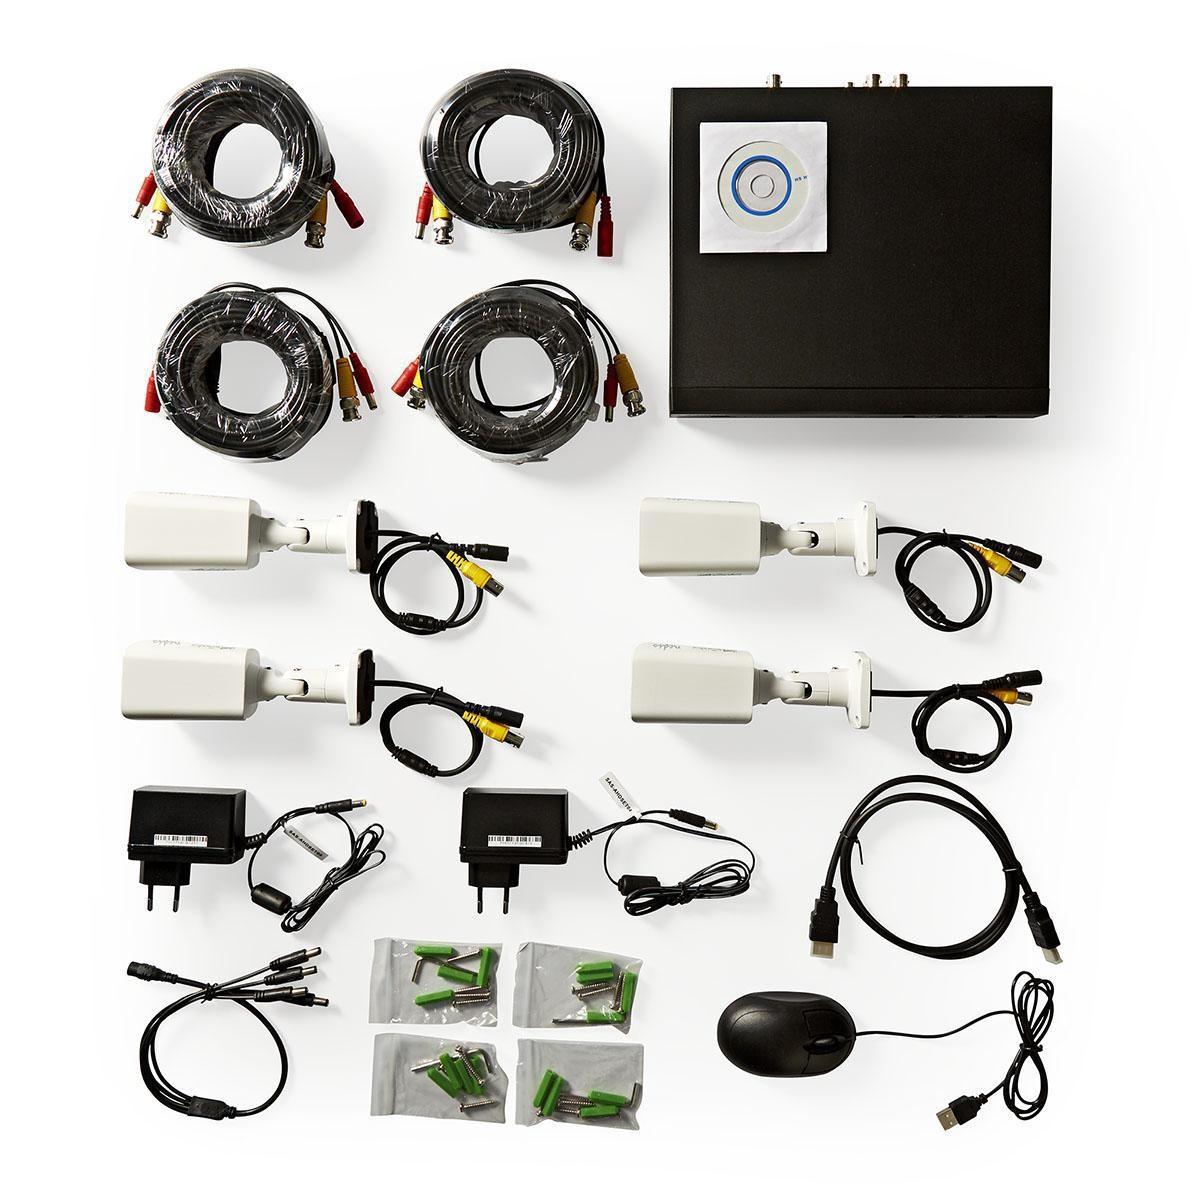 BEWAKINGS SYSTEEM RECORDER FULL HD 1TB + 4 HD CAMERA'S MET KABELD EN VOEDING